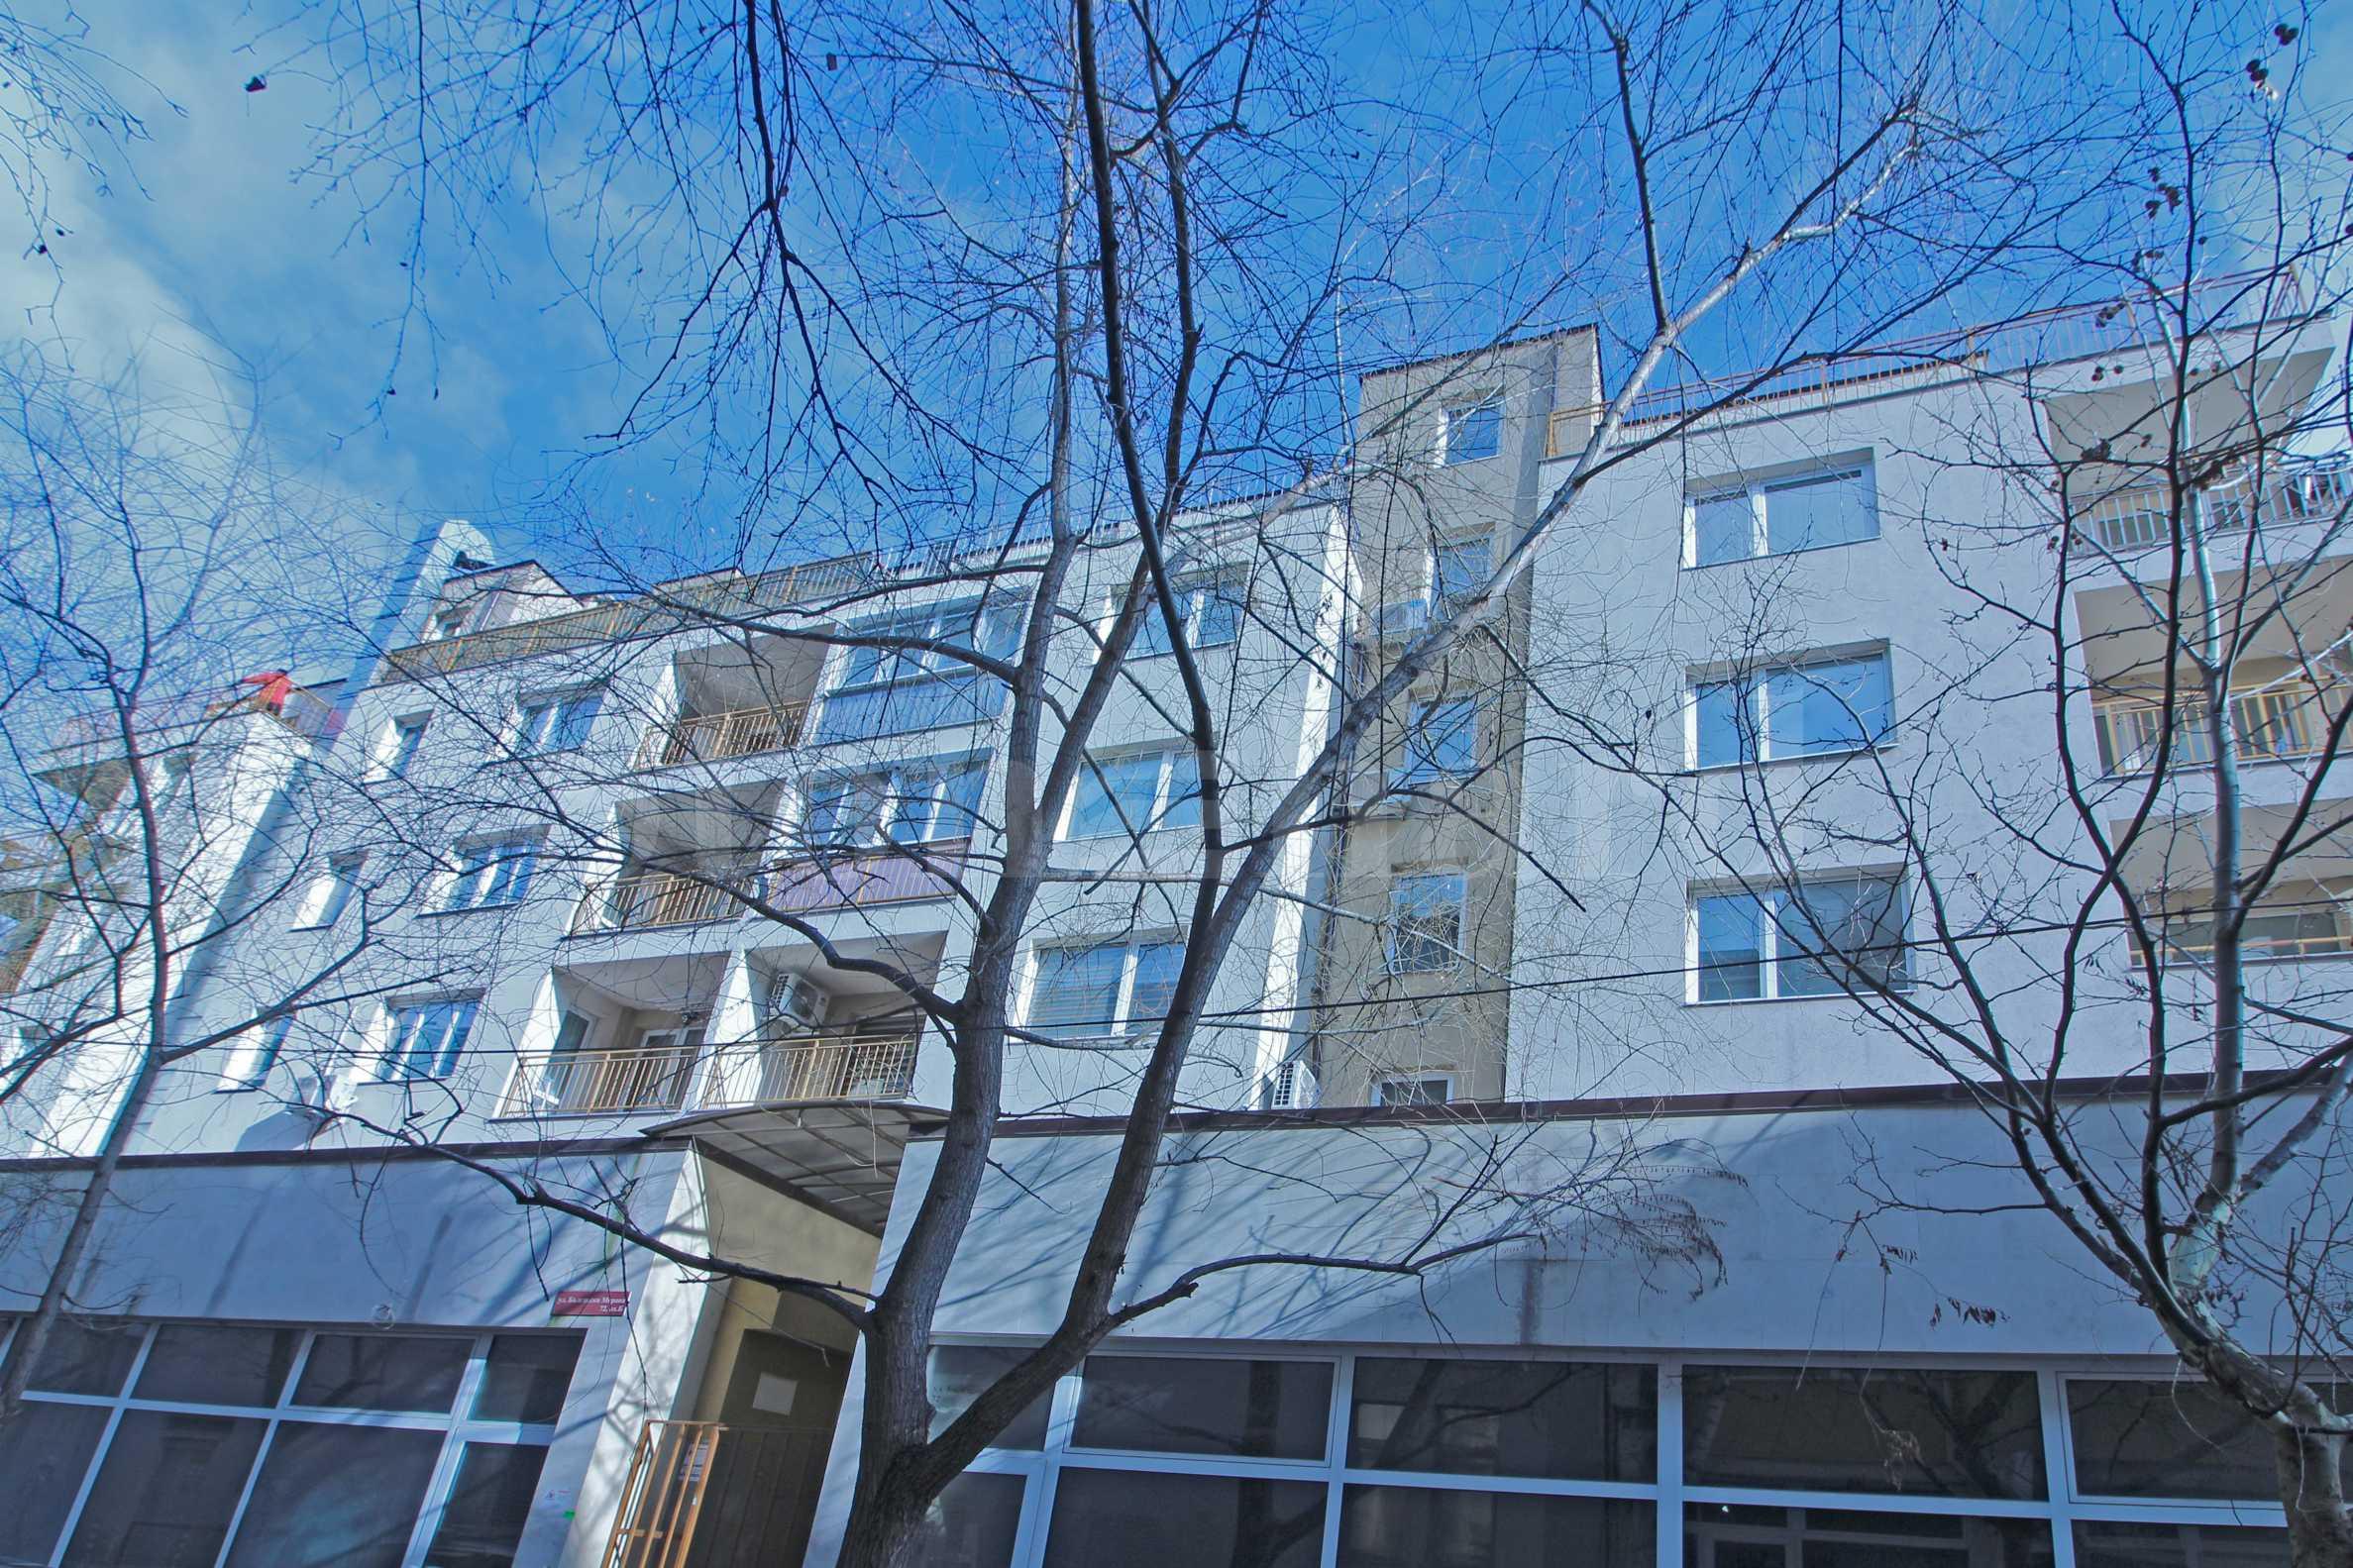 Апартаменти и търговски площи в сграда с АКТ 16 в широк център2 - Stonehard